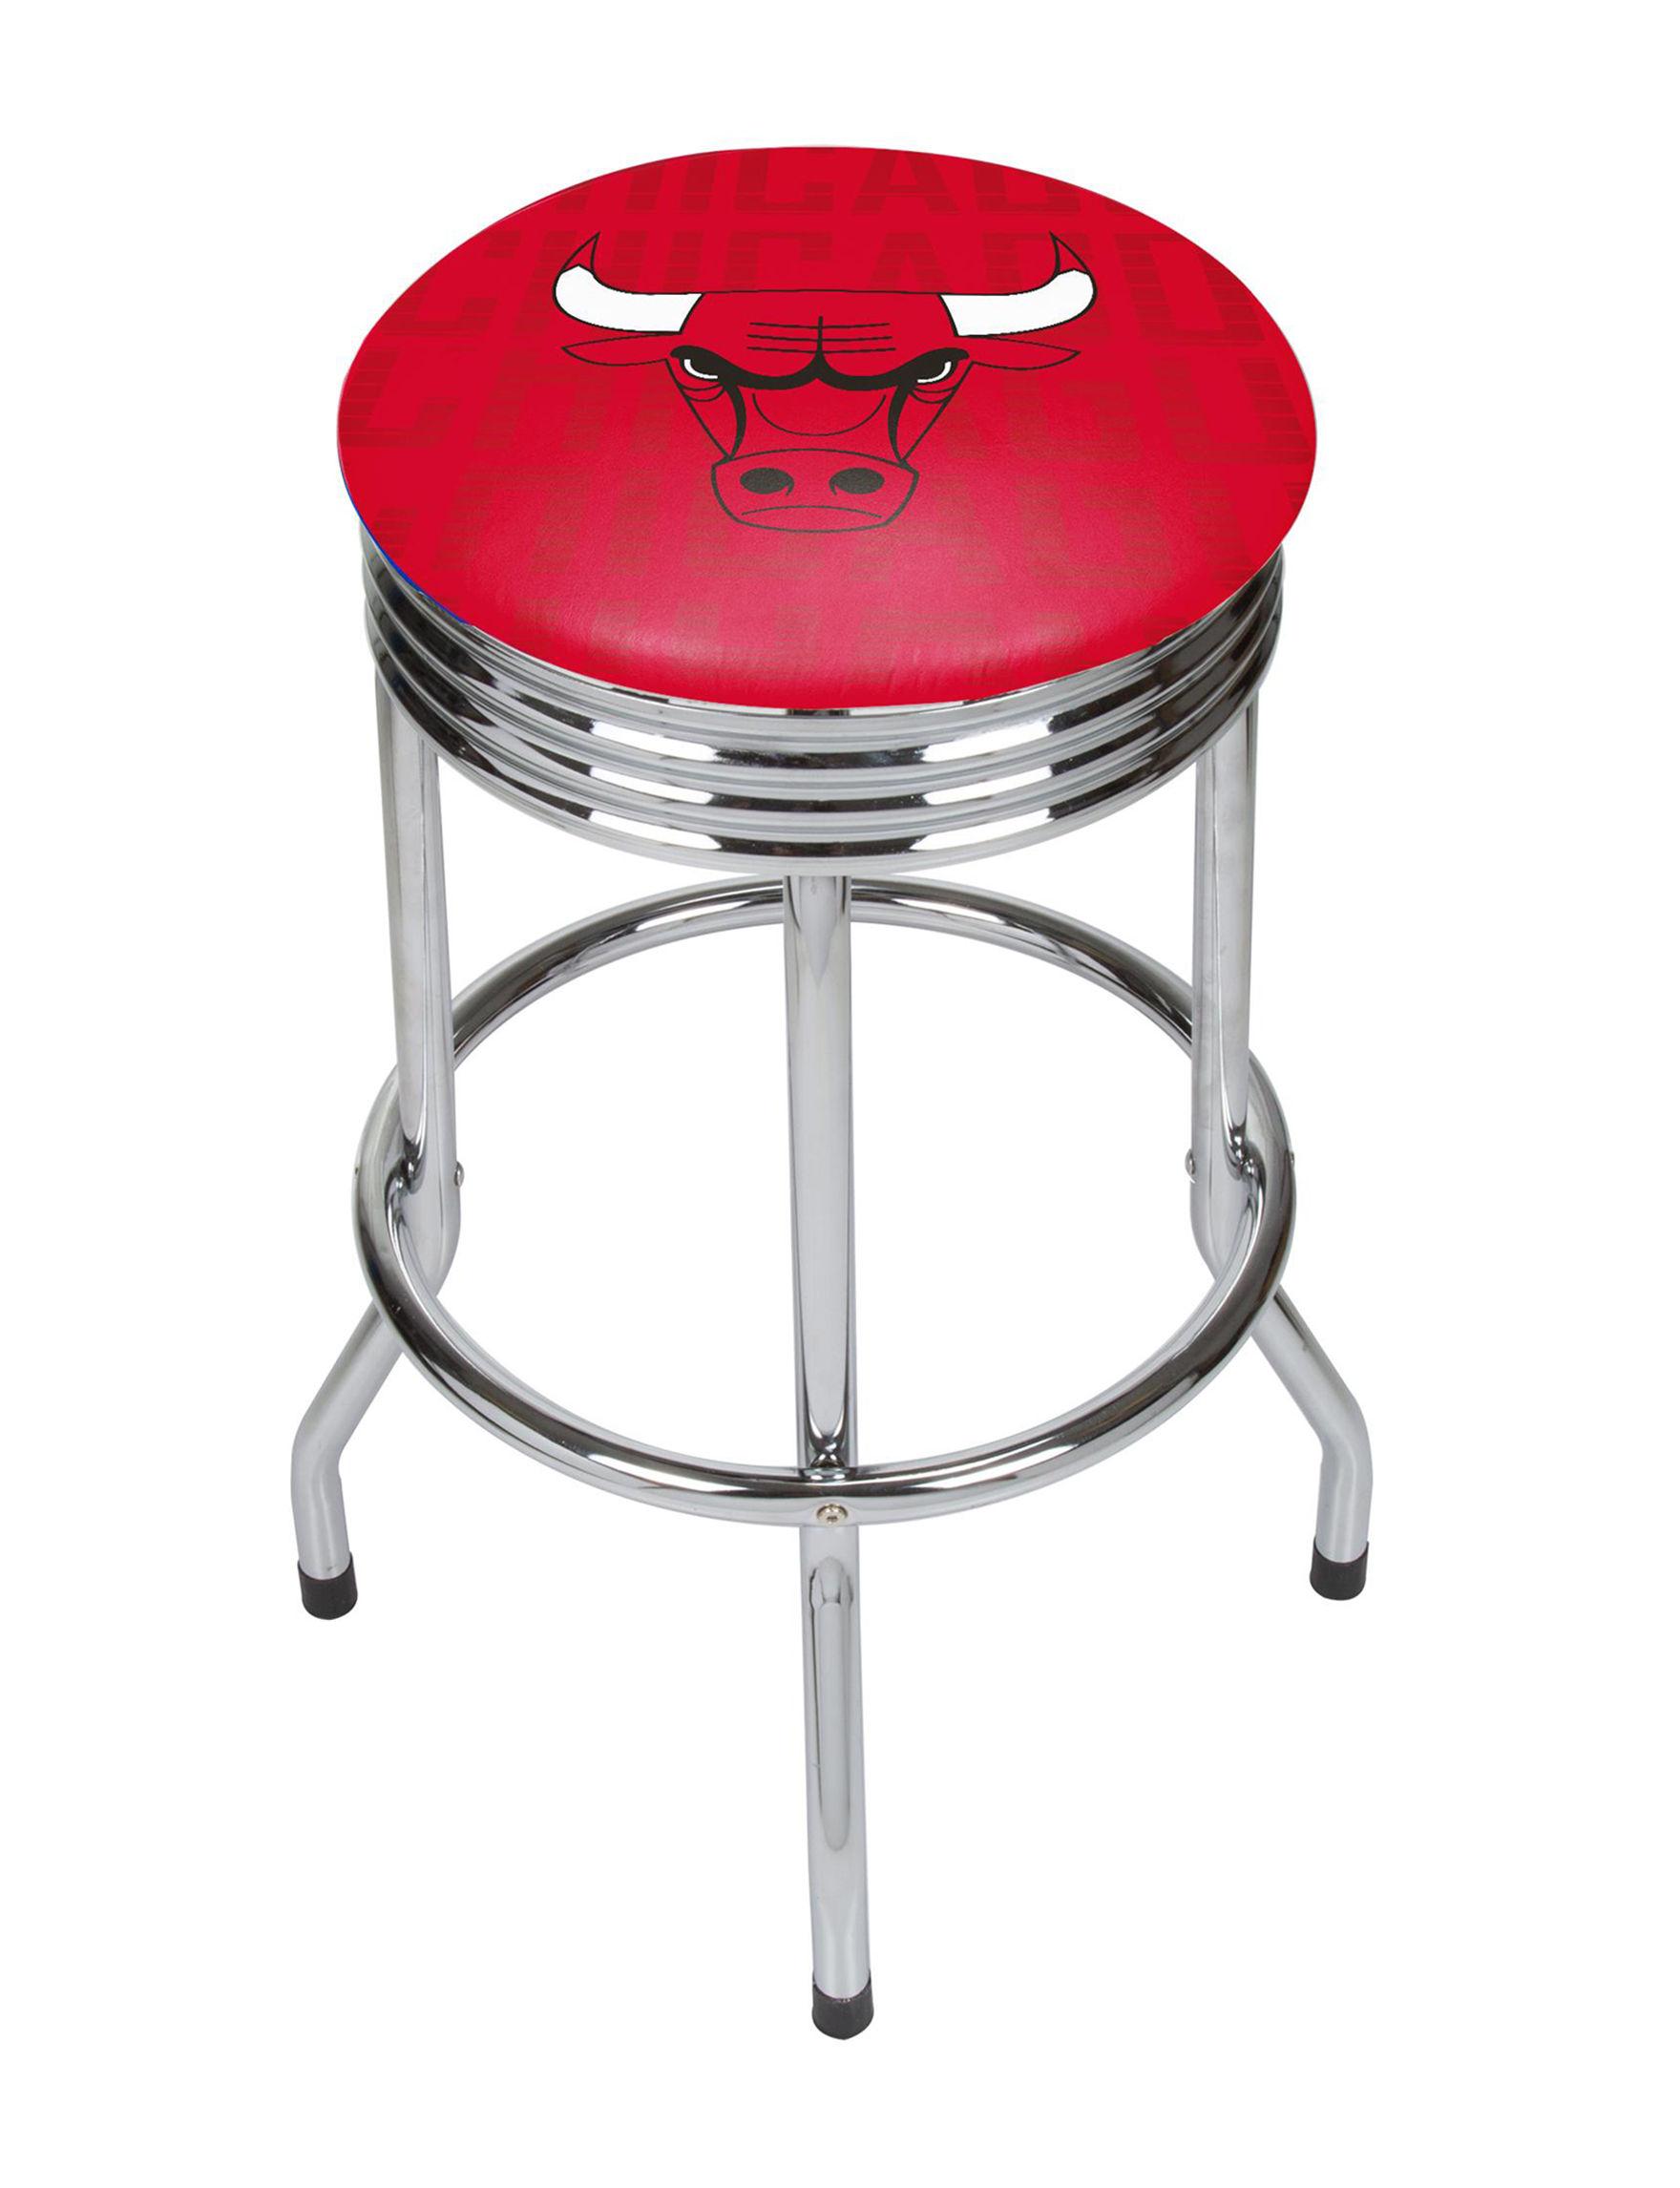 NBA Red / Black / White Bar & Kitchen Stools Kitchen & Dining Furniture NBA